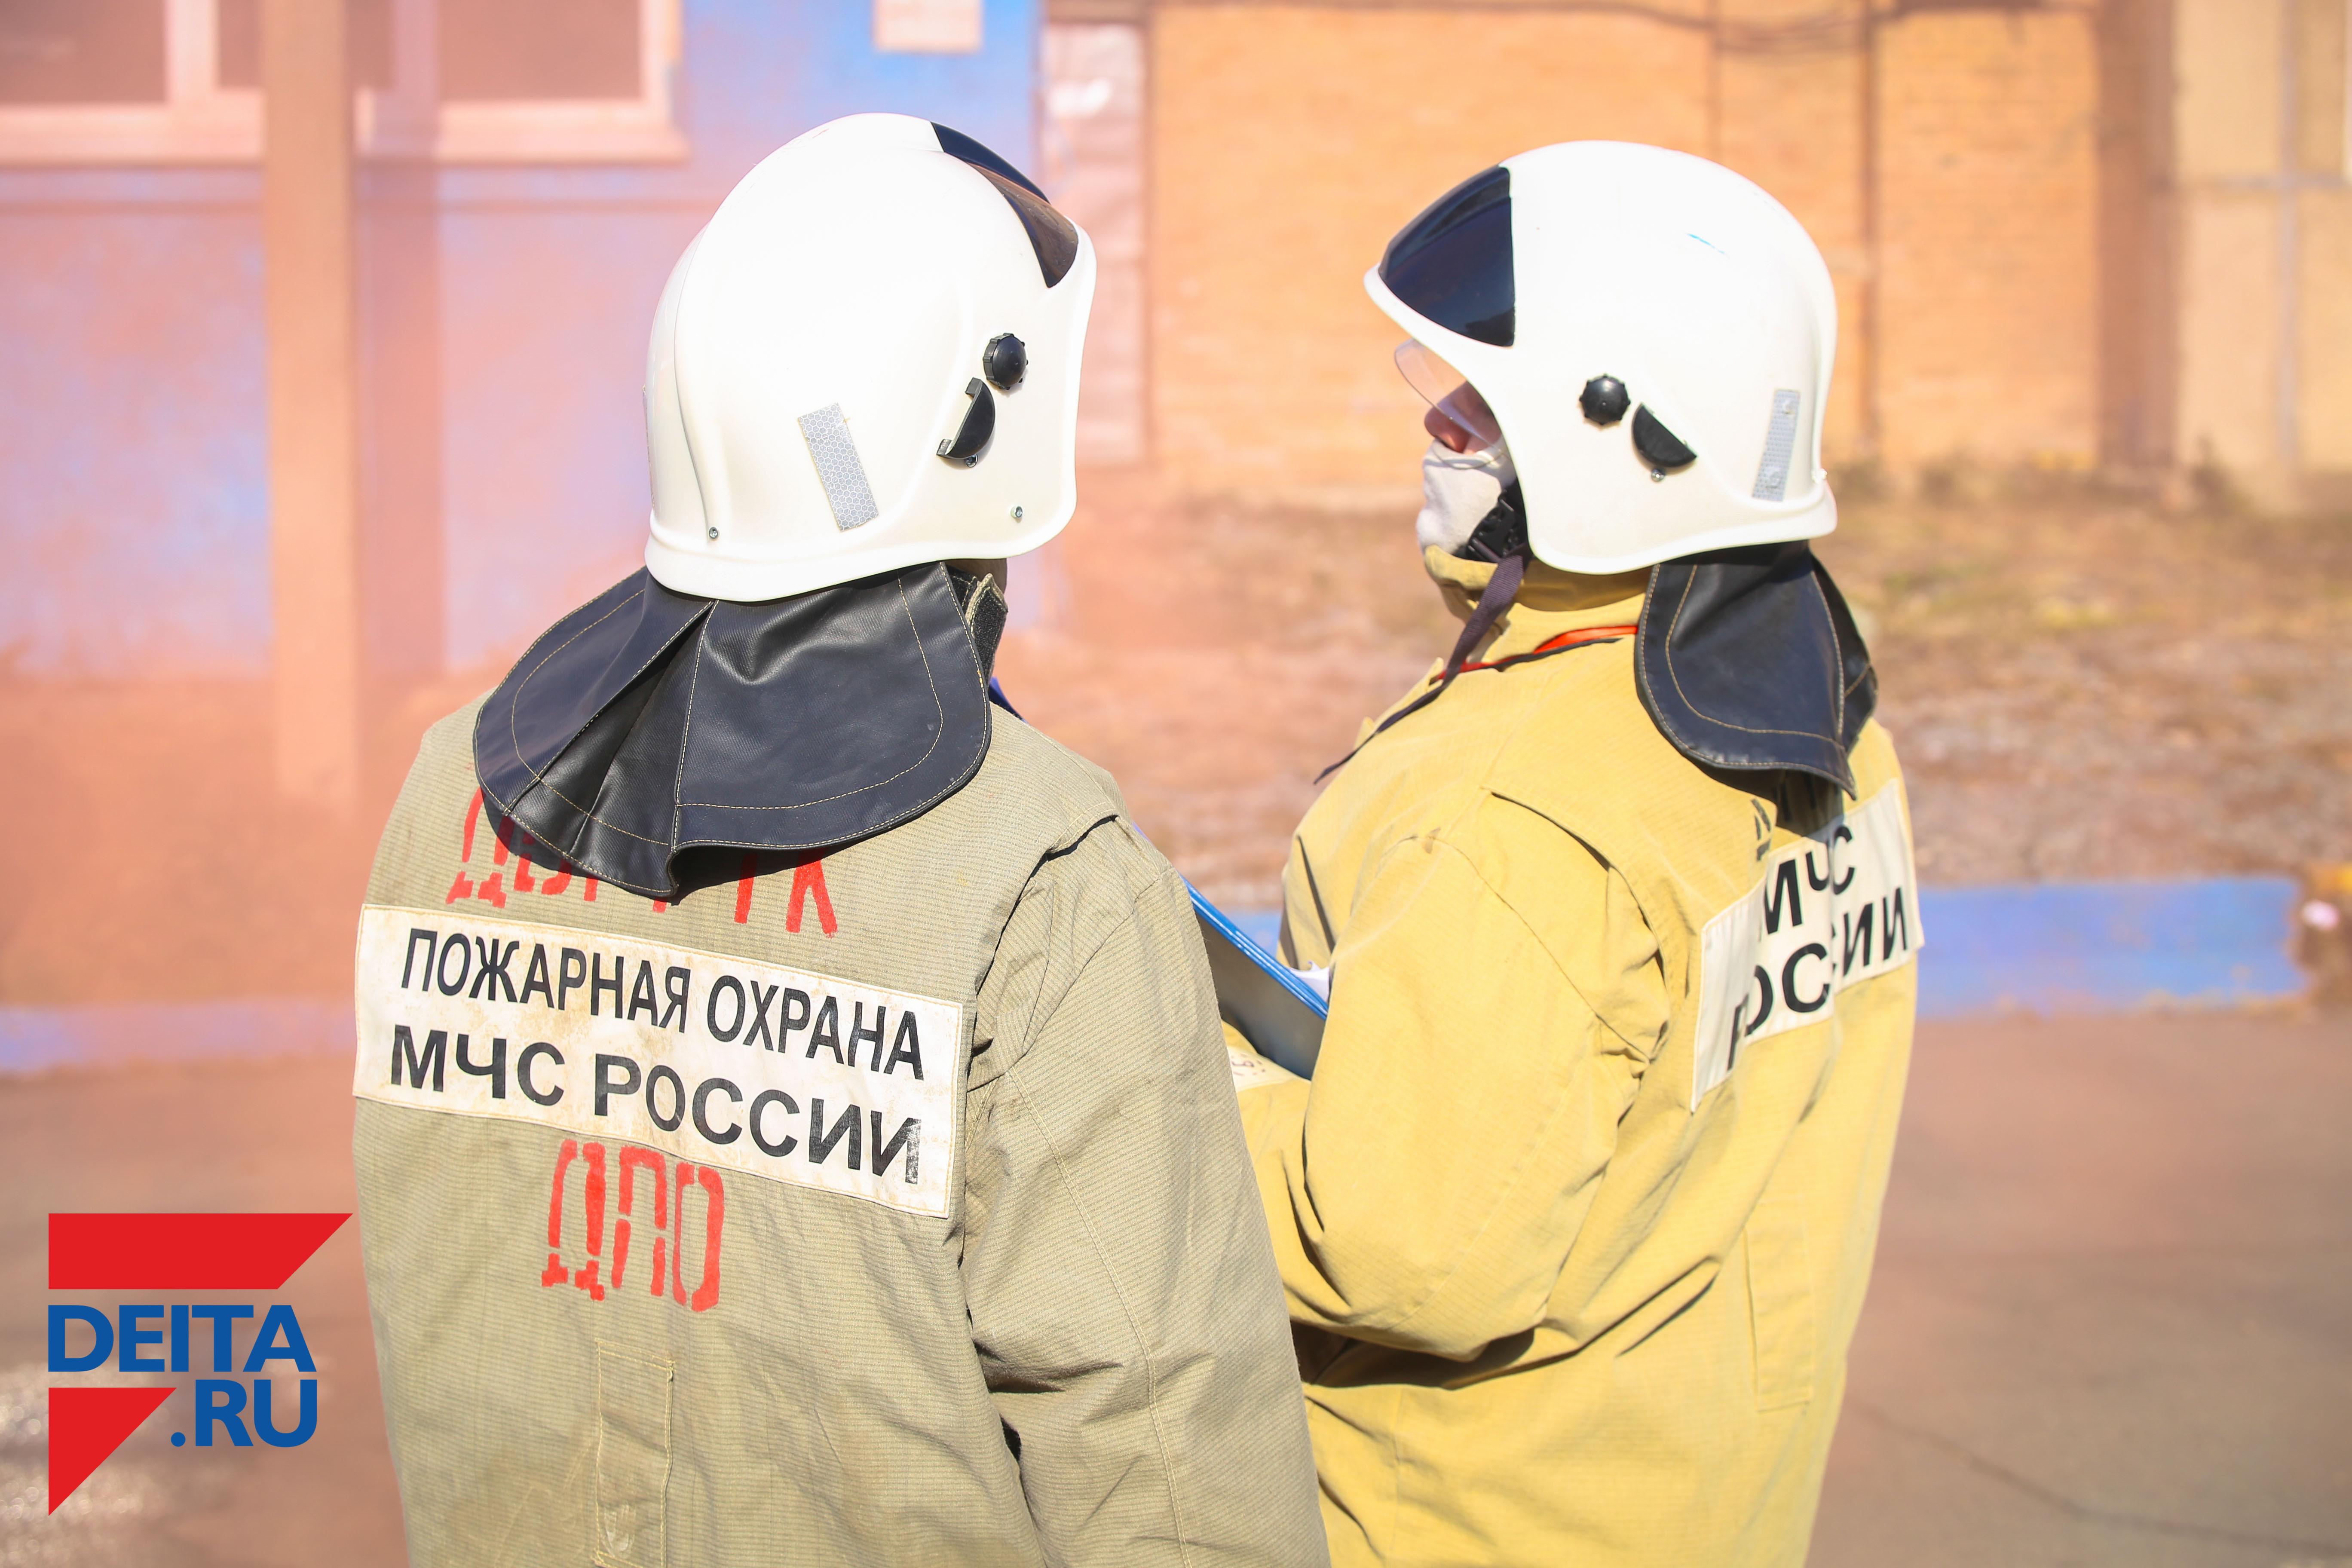 Стало известно, что сгорело в школе Владивостока